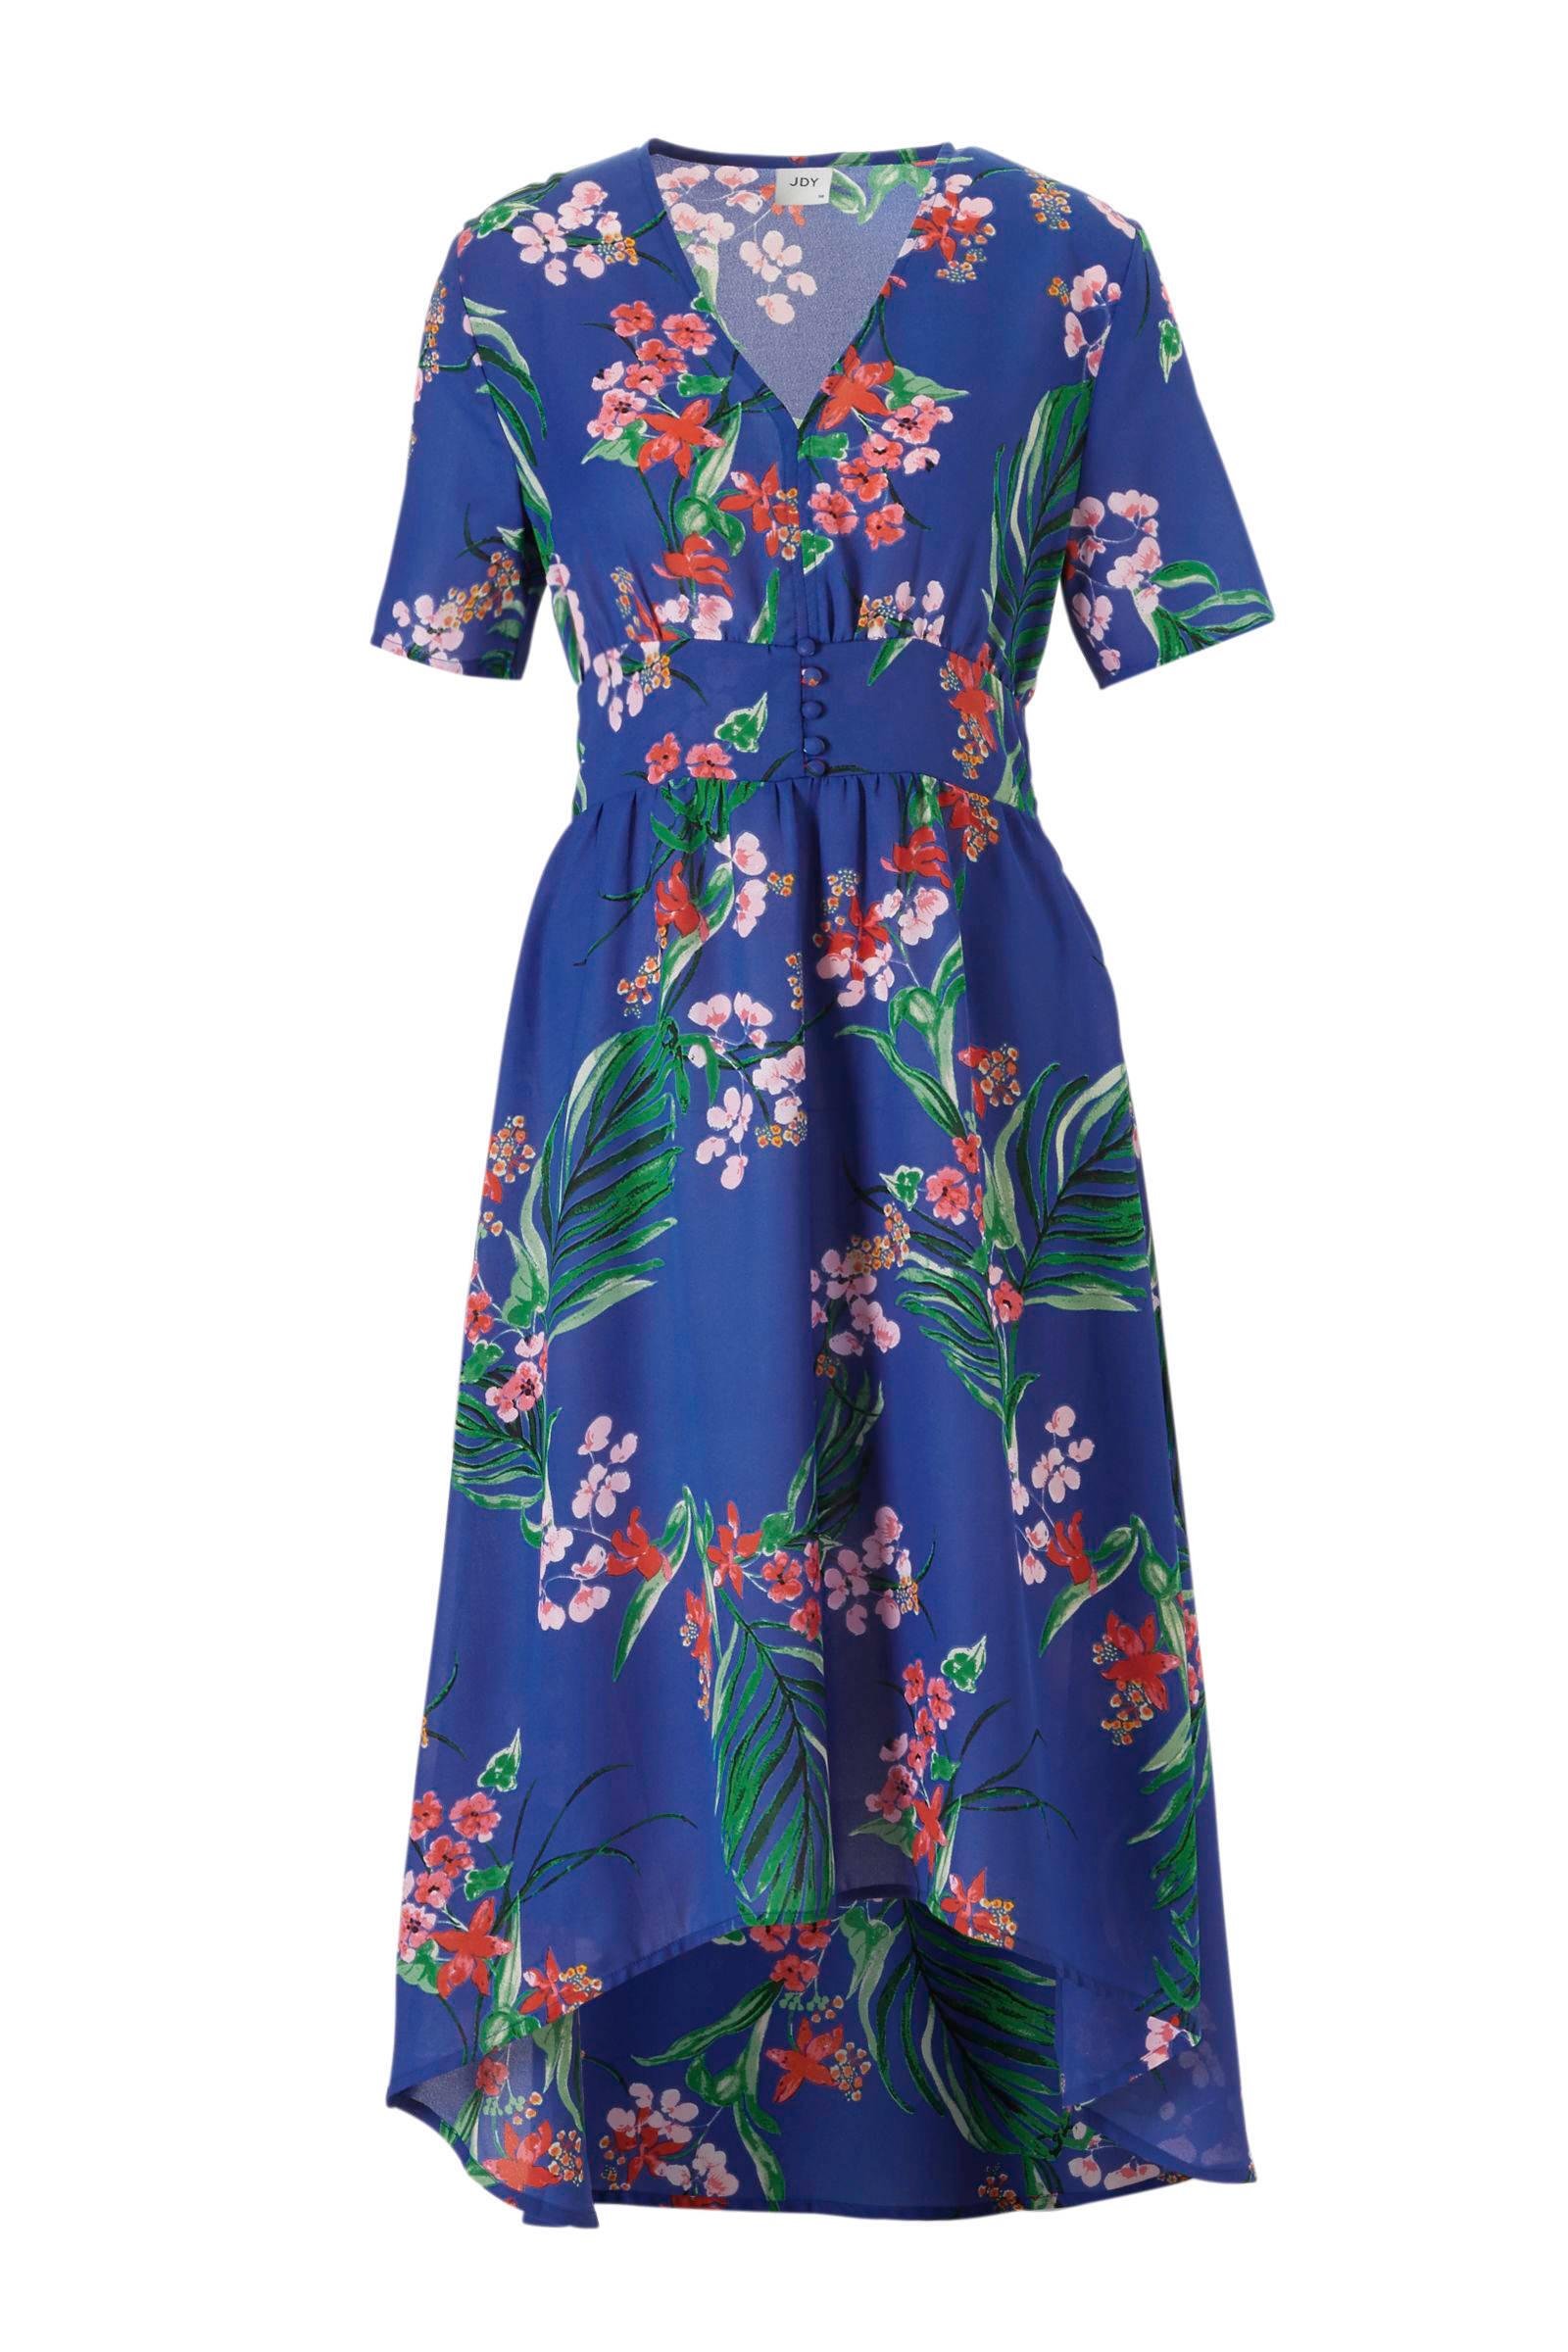 1f9f6a775d5d45 dames jurken & rokken bij wehkamp - Gratis bezorging vanaf 20.-